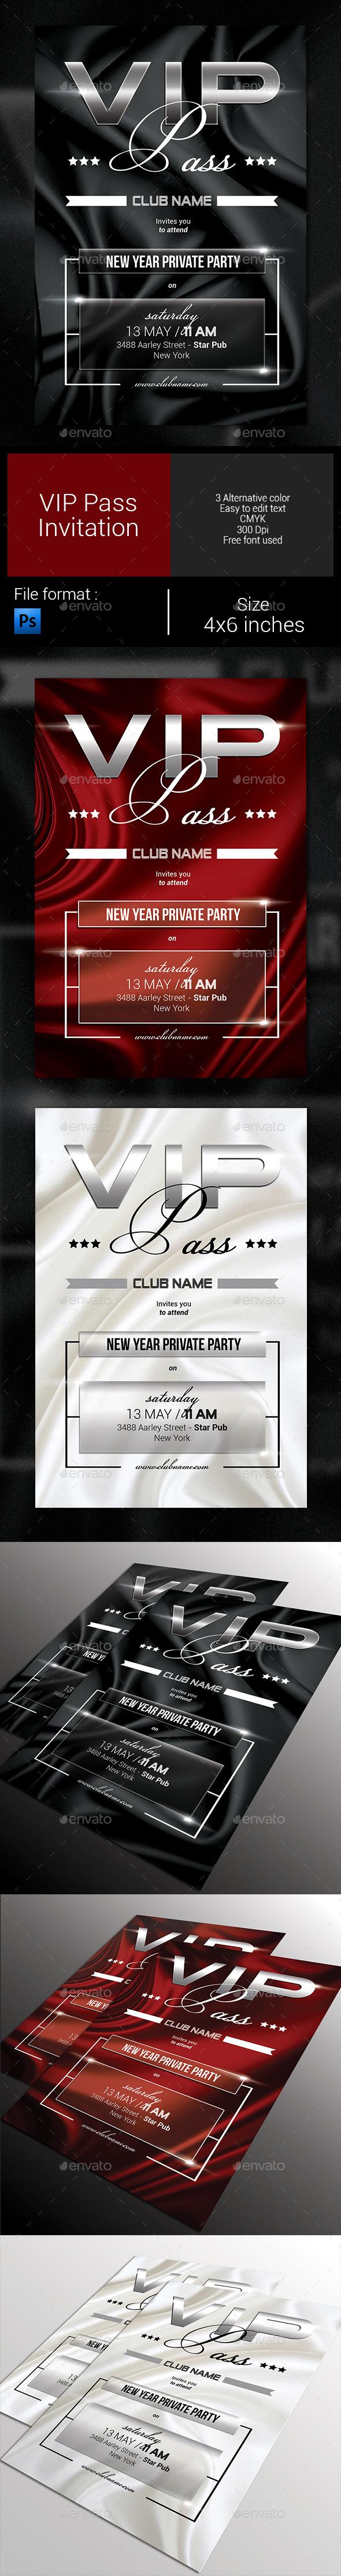 GraphicRiver VIP Pass Invitation 9868702